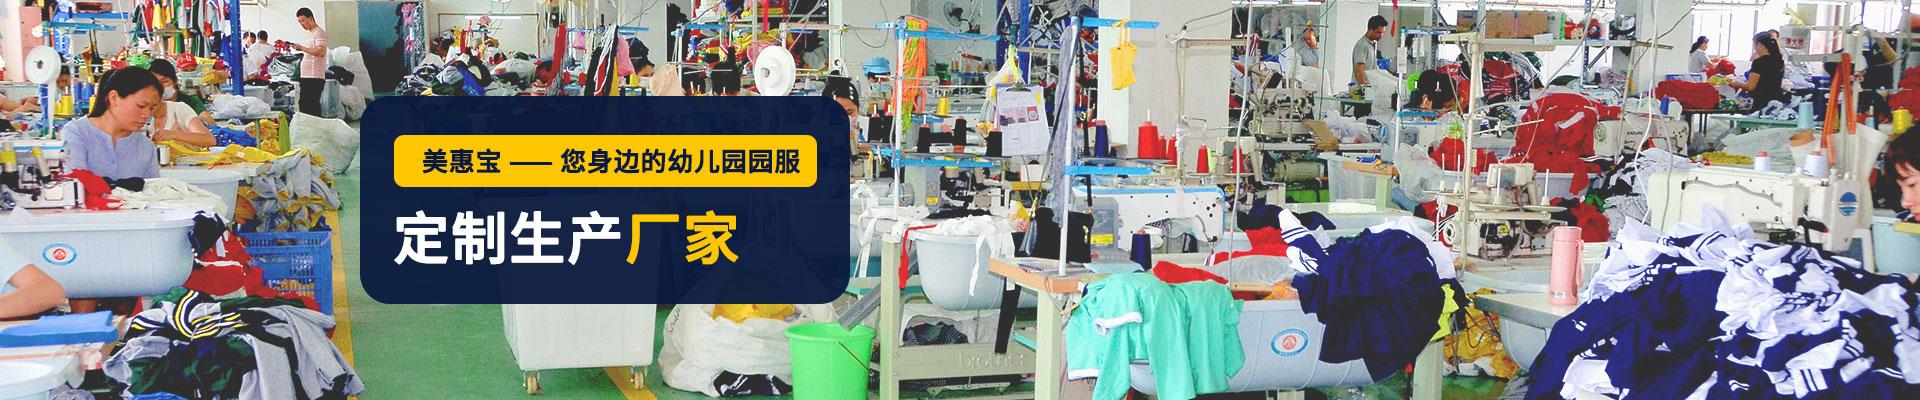 美惠宝-您身边的幼儿园园服定制生产厂家